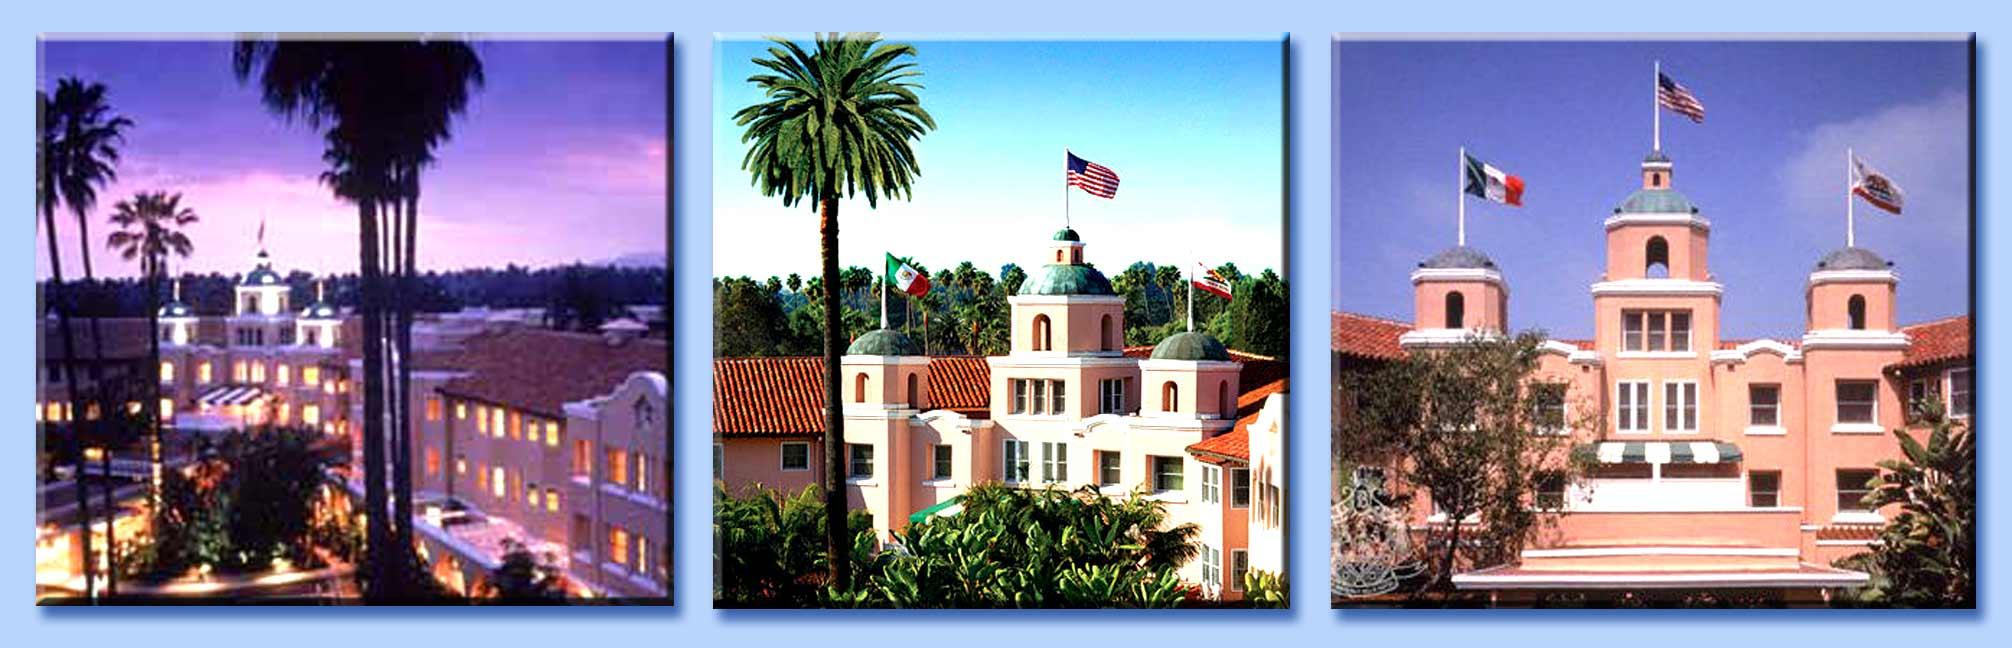 Hotel California Degli Eagles